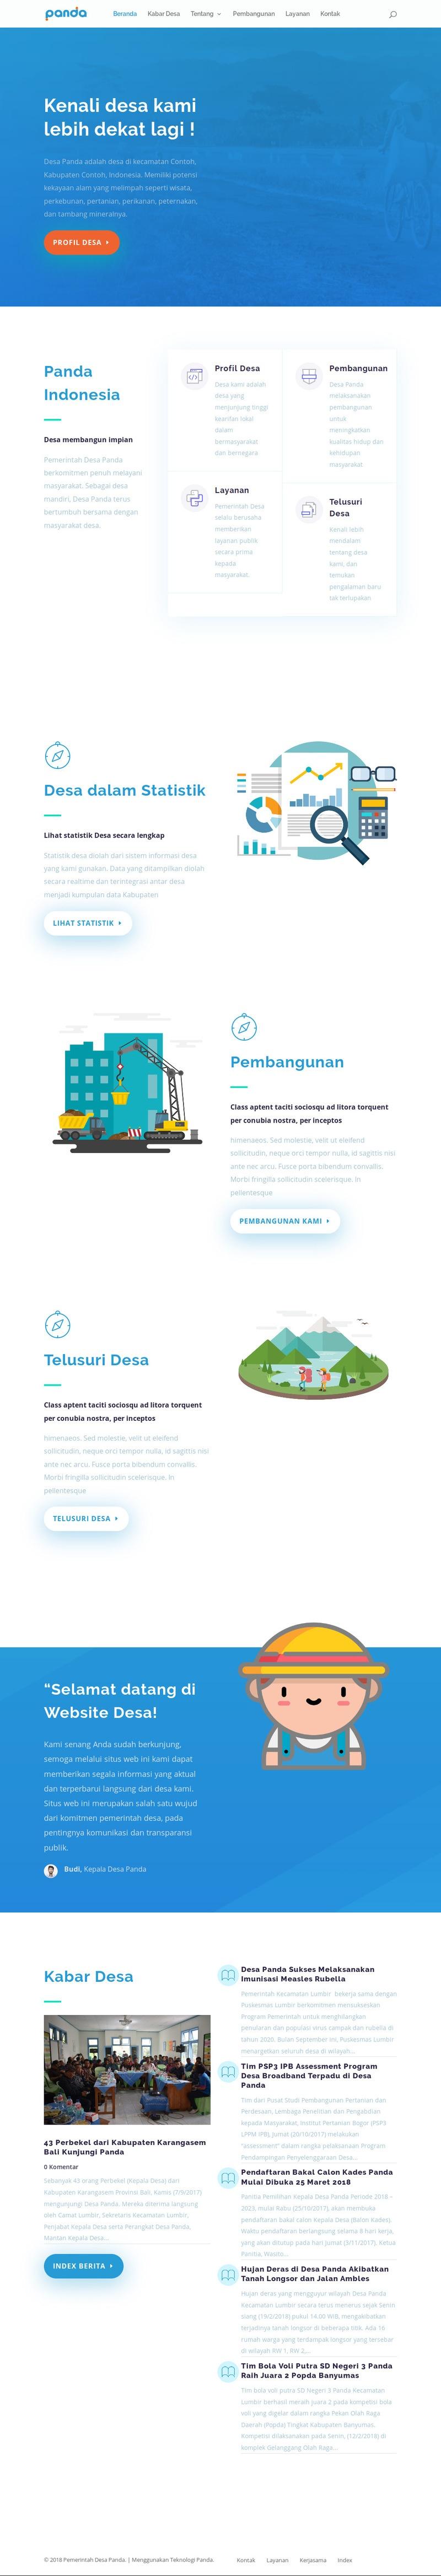 Contoh Website Desa dengan Teknologi Panda